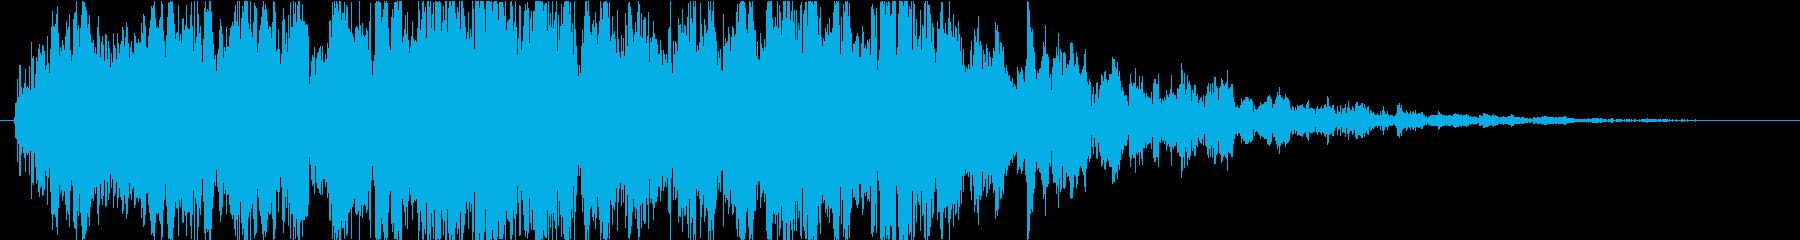 ピコピコ(神秘的な宇宙ミステリー)の再生済みの波形